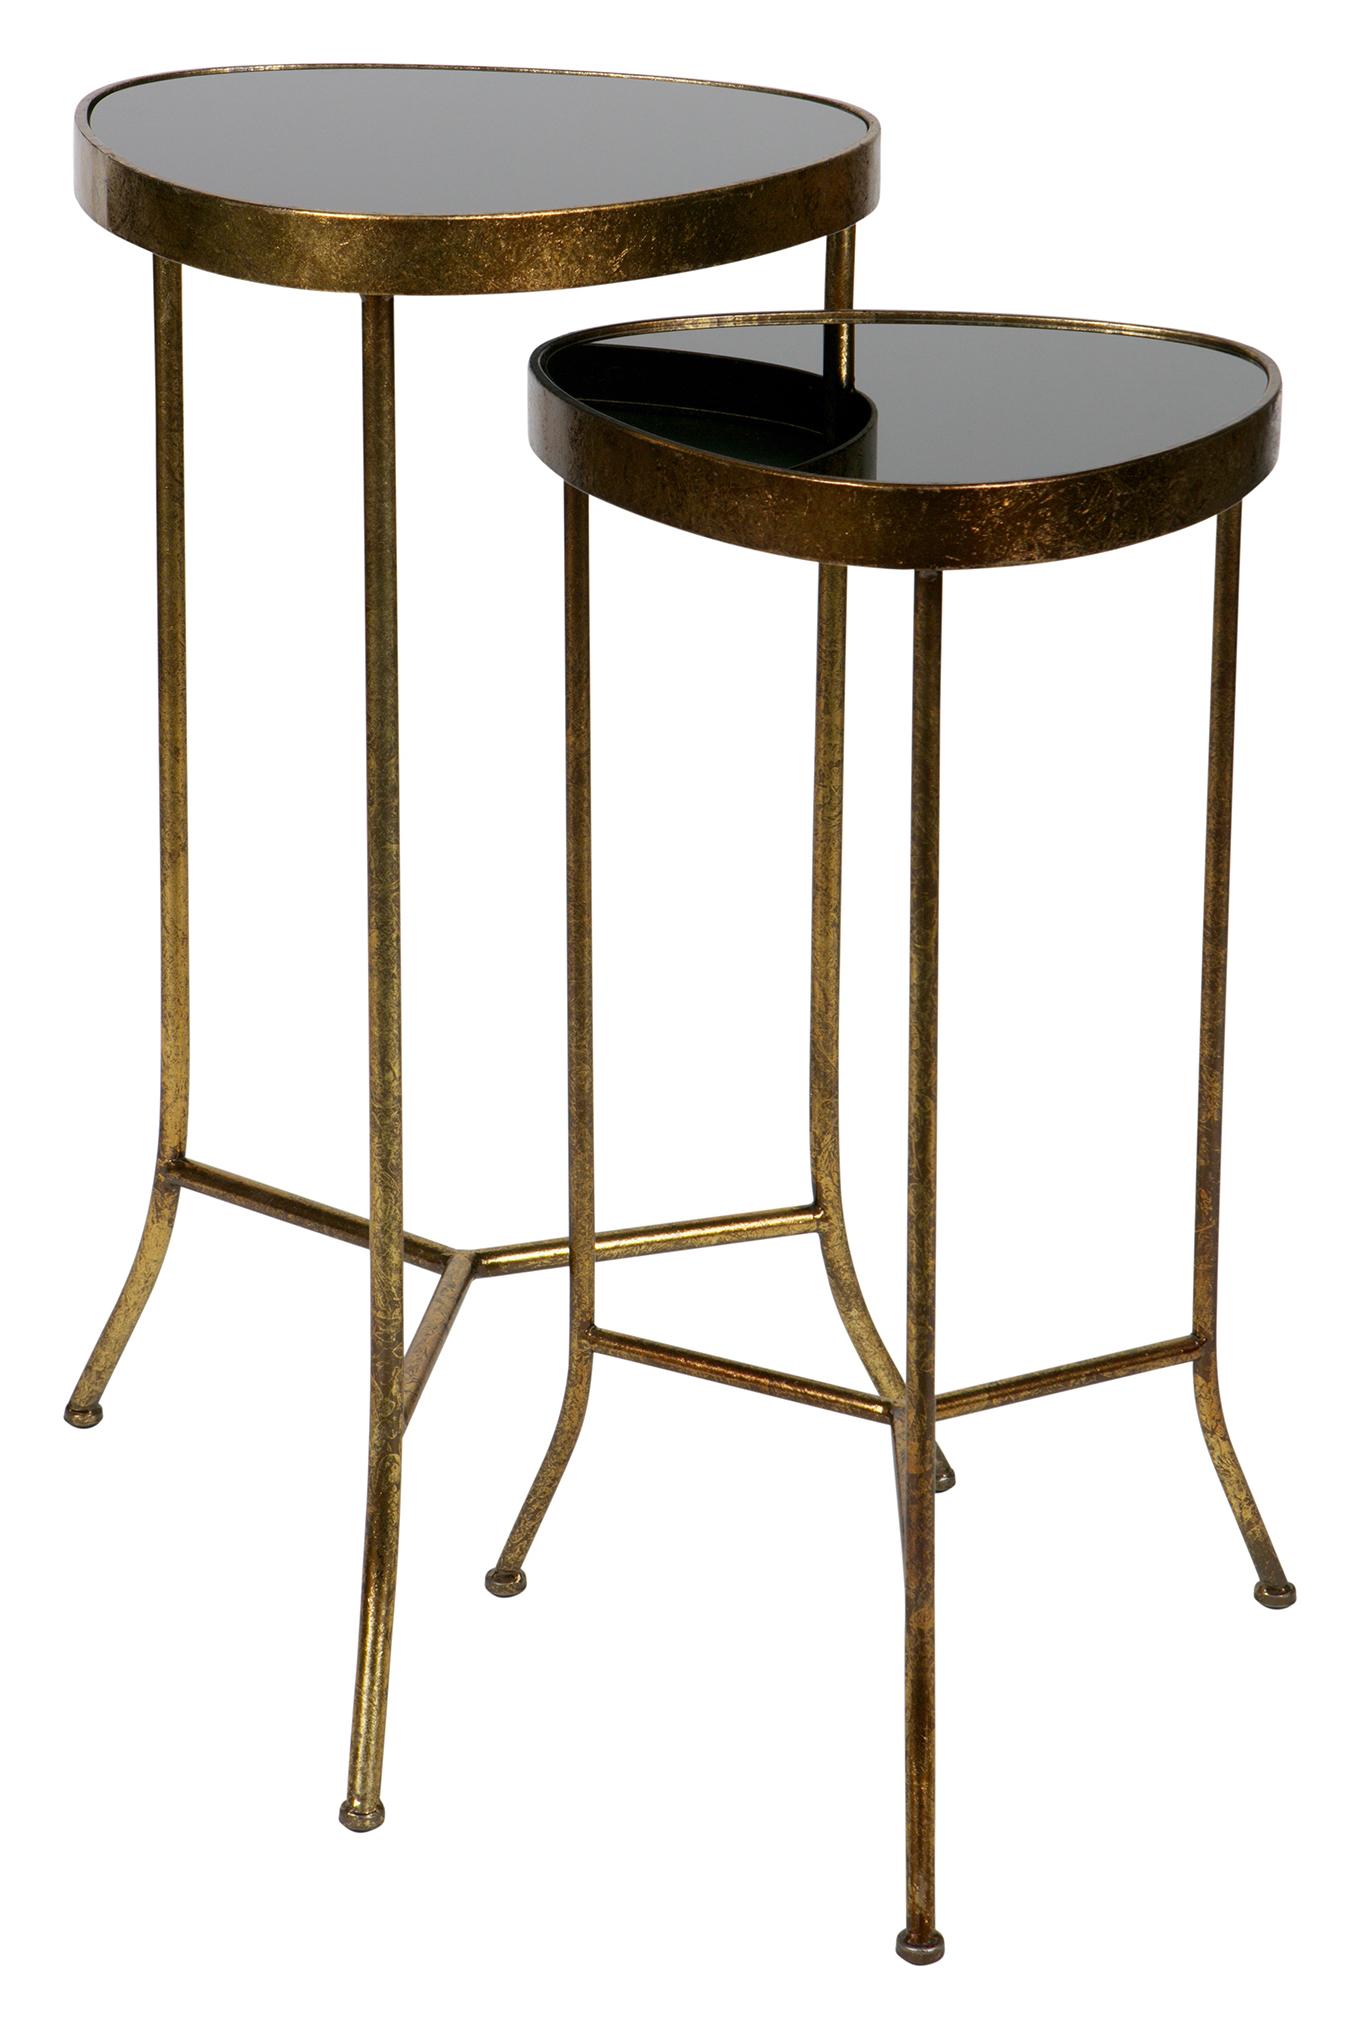 BePureHome Bijzettafel 'Couple' Set van 2 stuks, kleur Antique Brass Tafels | Bijzettafels kopen